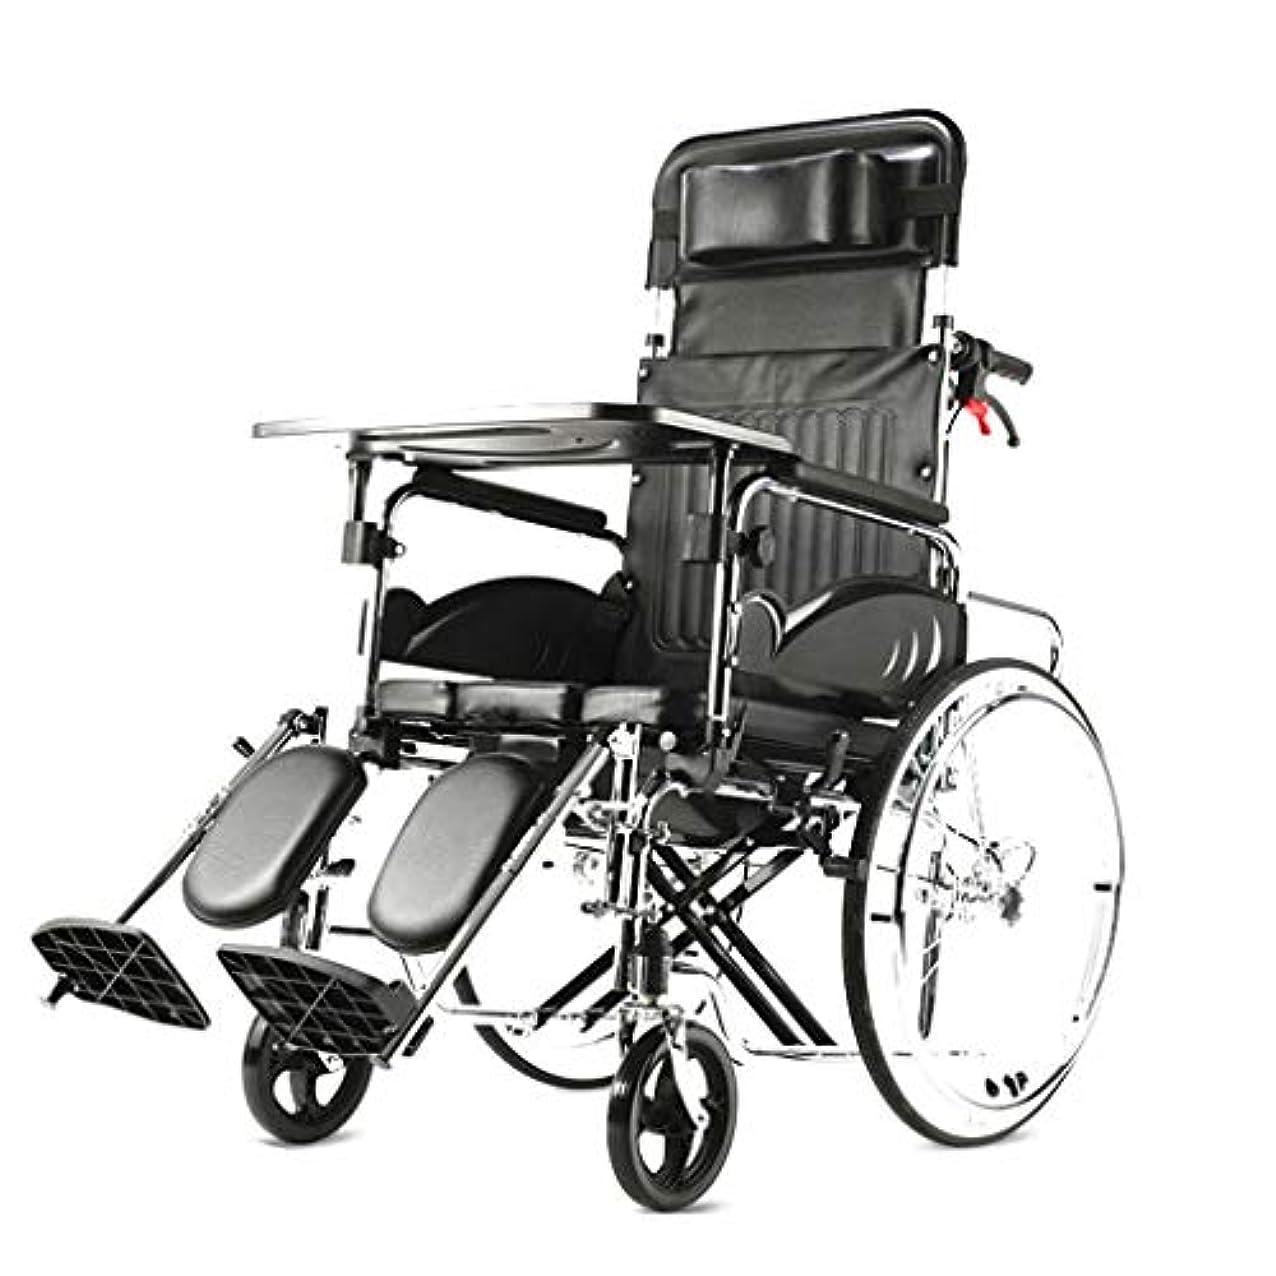 事前にに負けるポーズ車椅子折りたたみ式、4つのブレーキデザイン、アルミニウム合金、高齢者障害者用車椅子ワゴン